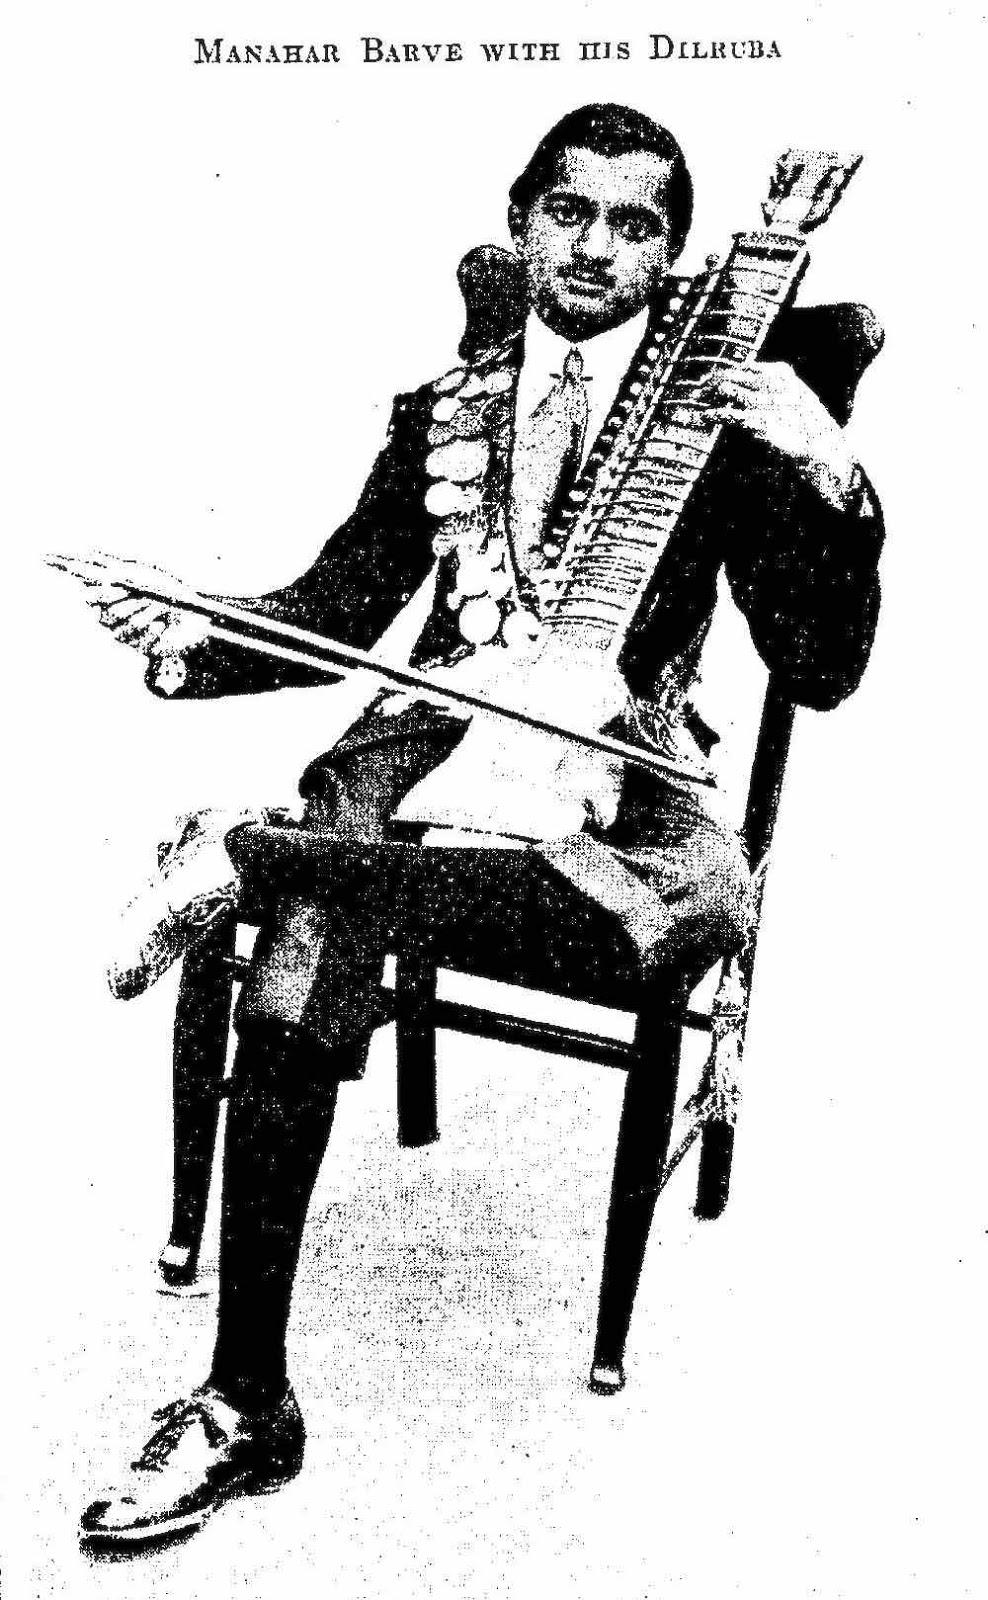 musician Manahar Barve with a Dilruba, 1928